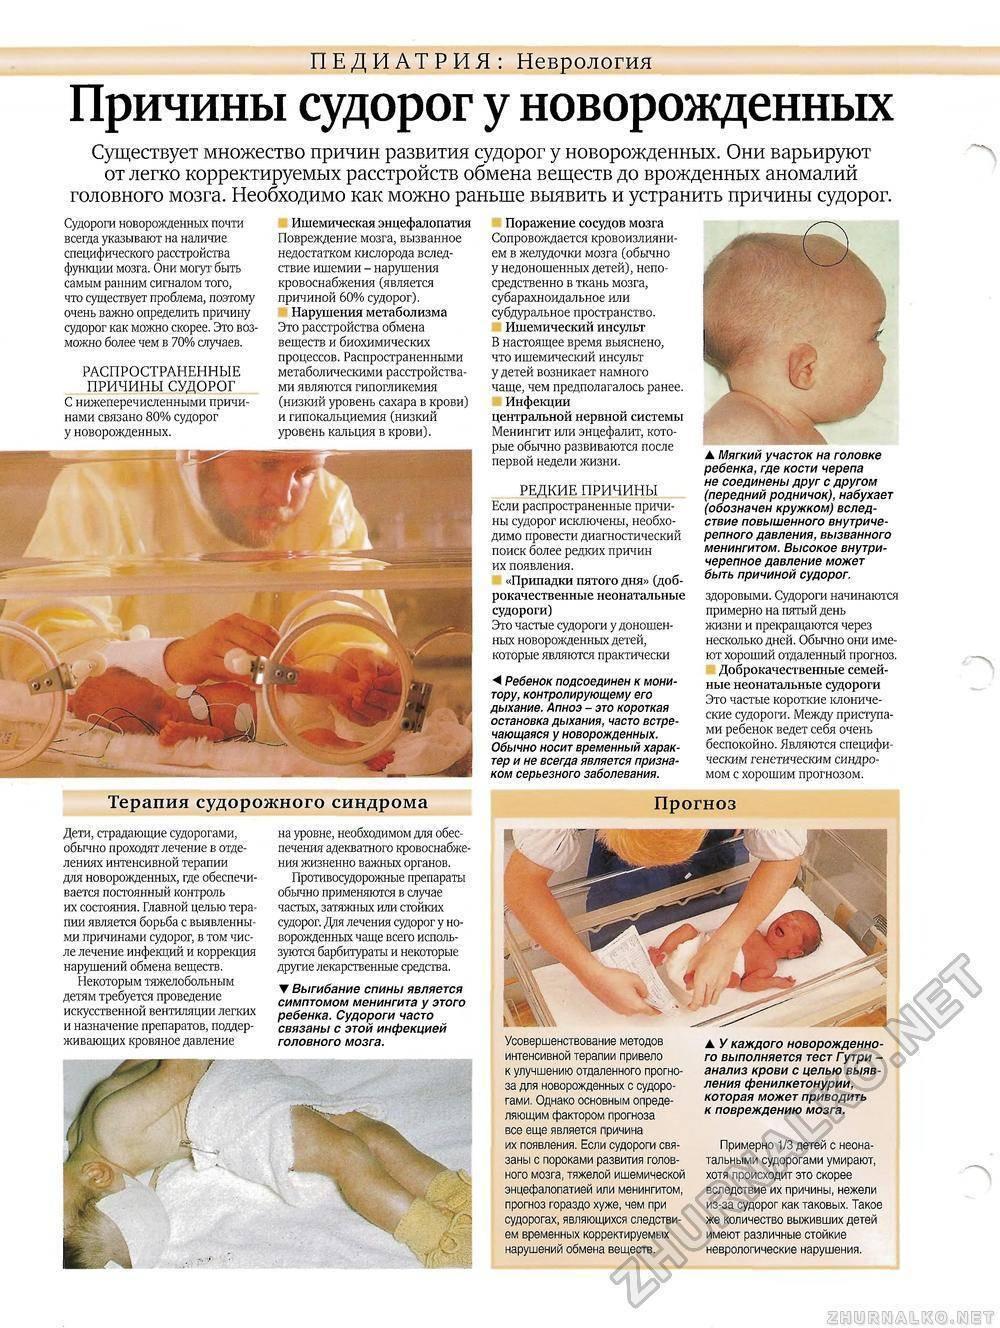 Густая кровь у ребенка: причины и правильное лечение